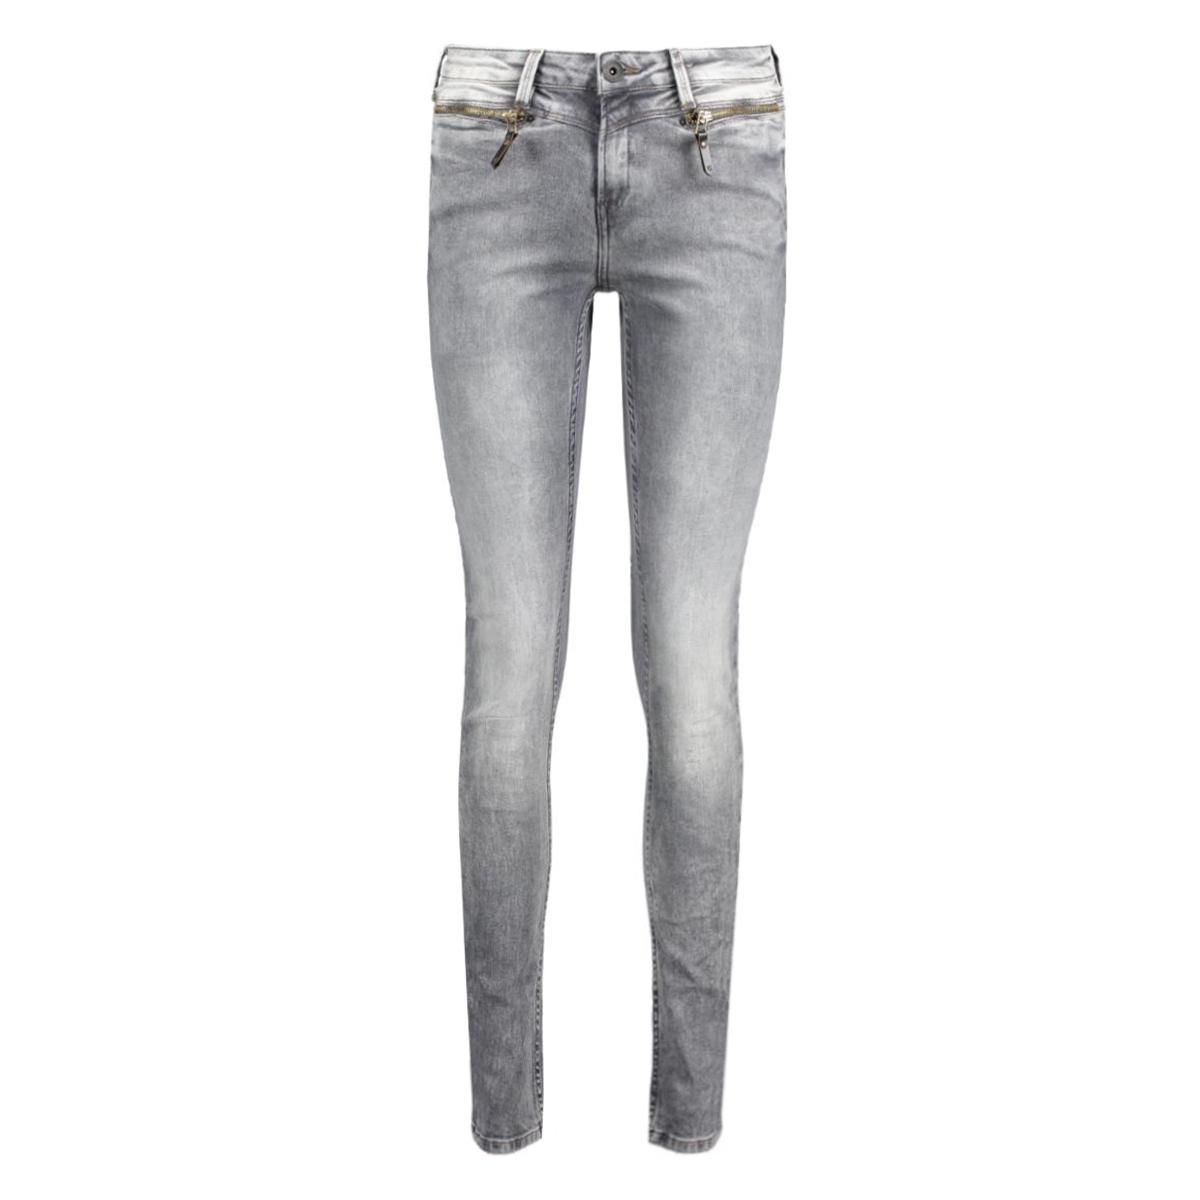 v60315 garcia jeans 2138 grey used